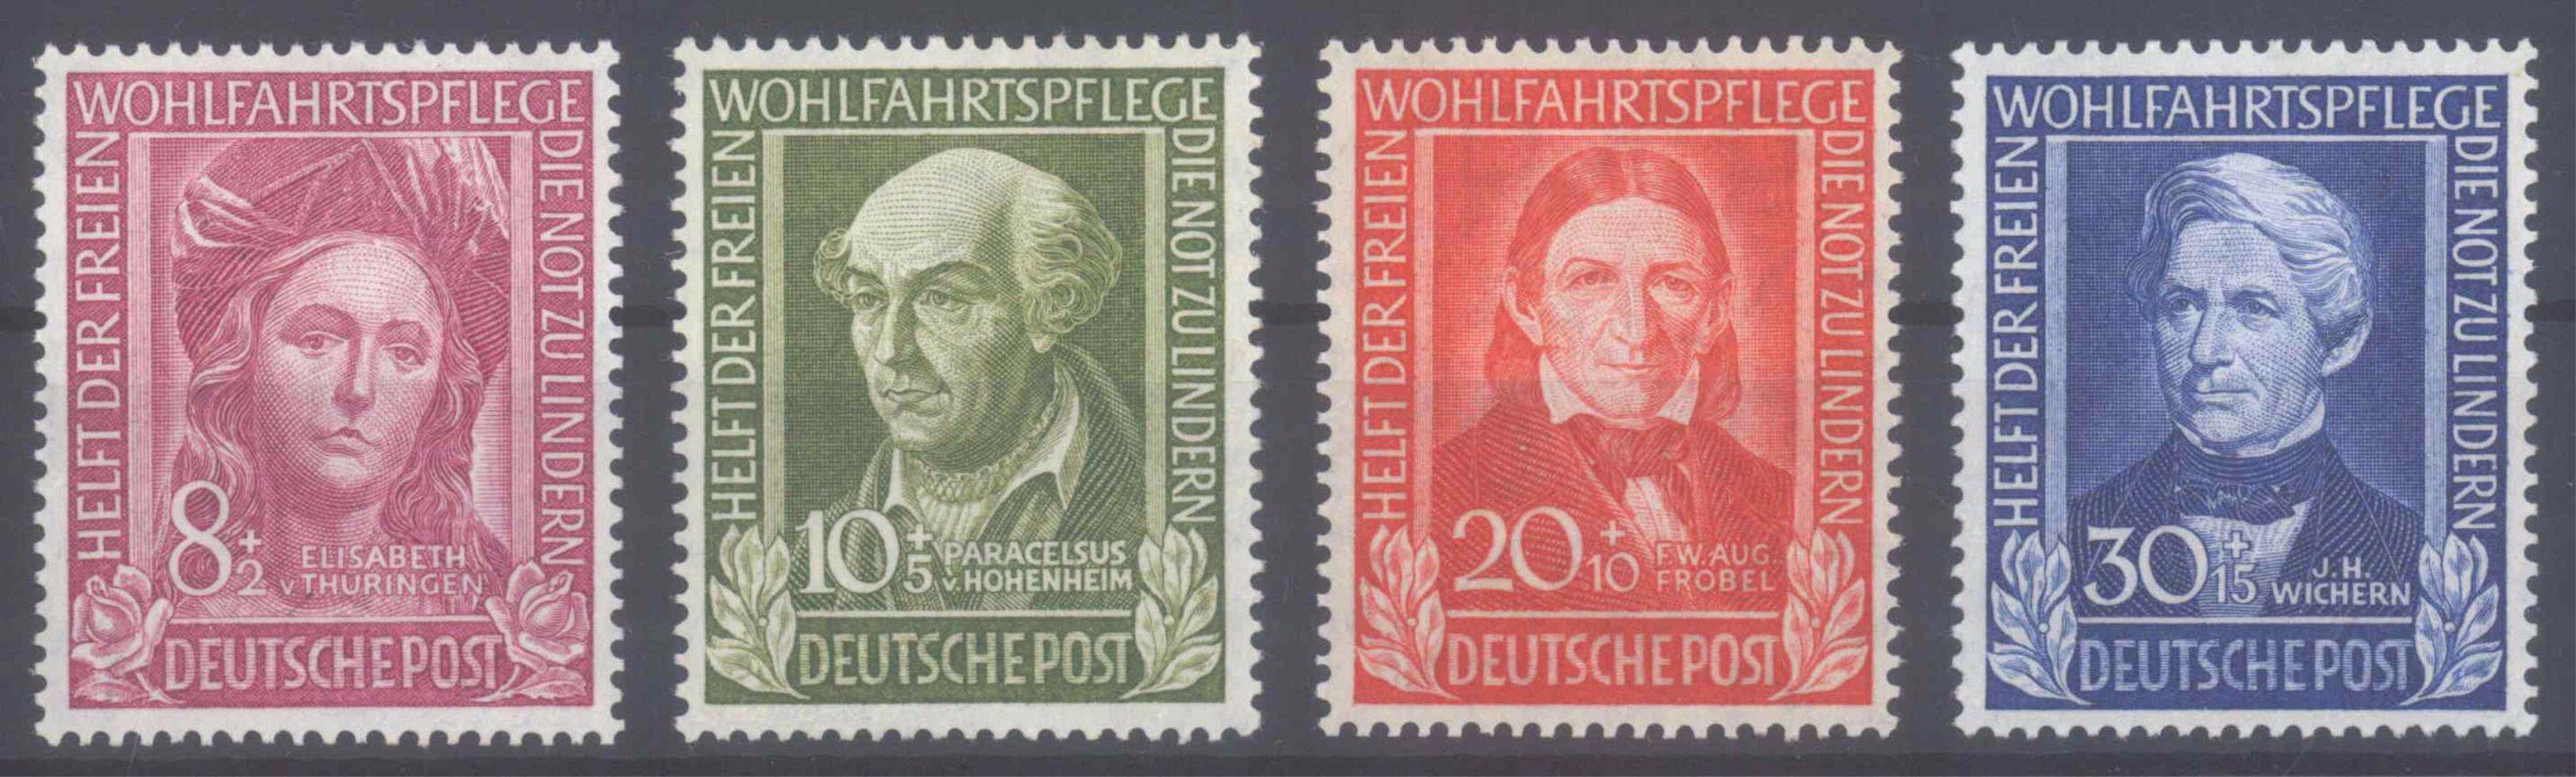 BUND 1949, Wohlfahrt